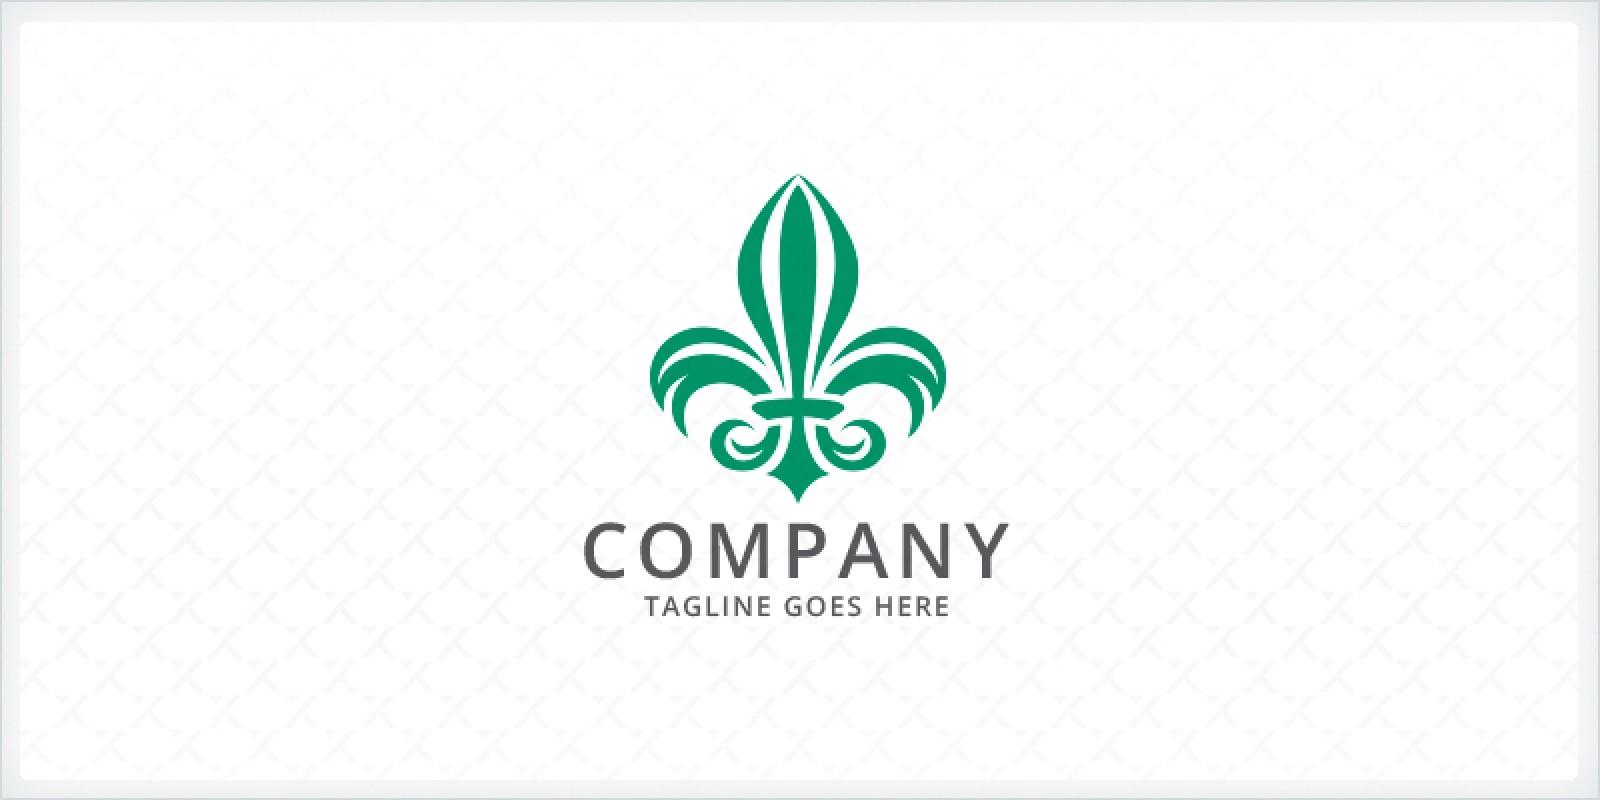 fleur de lis logo template miscellaneous logo templates codester